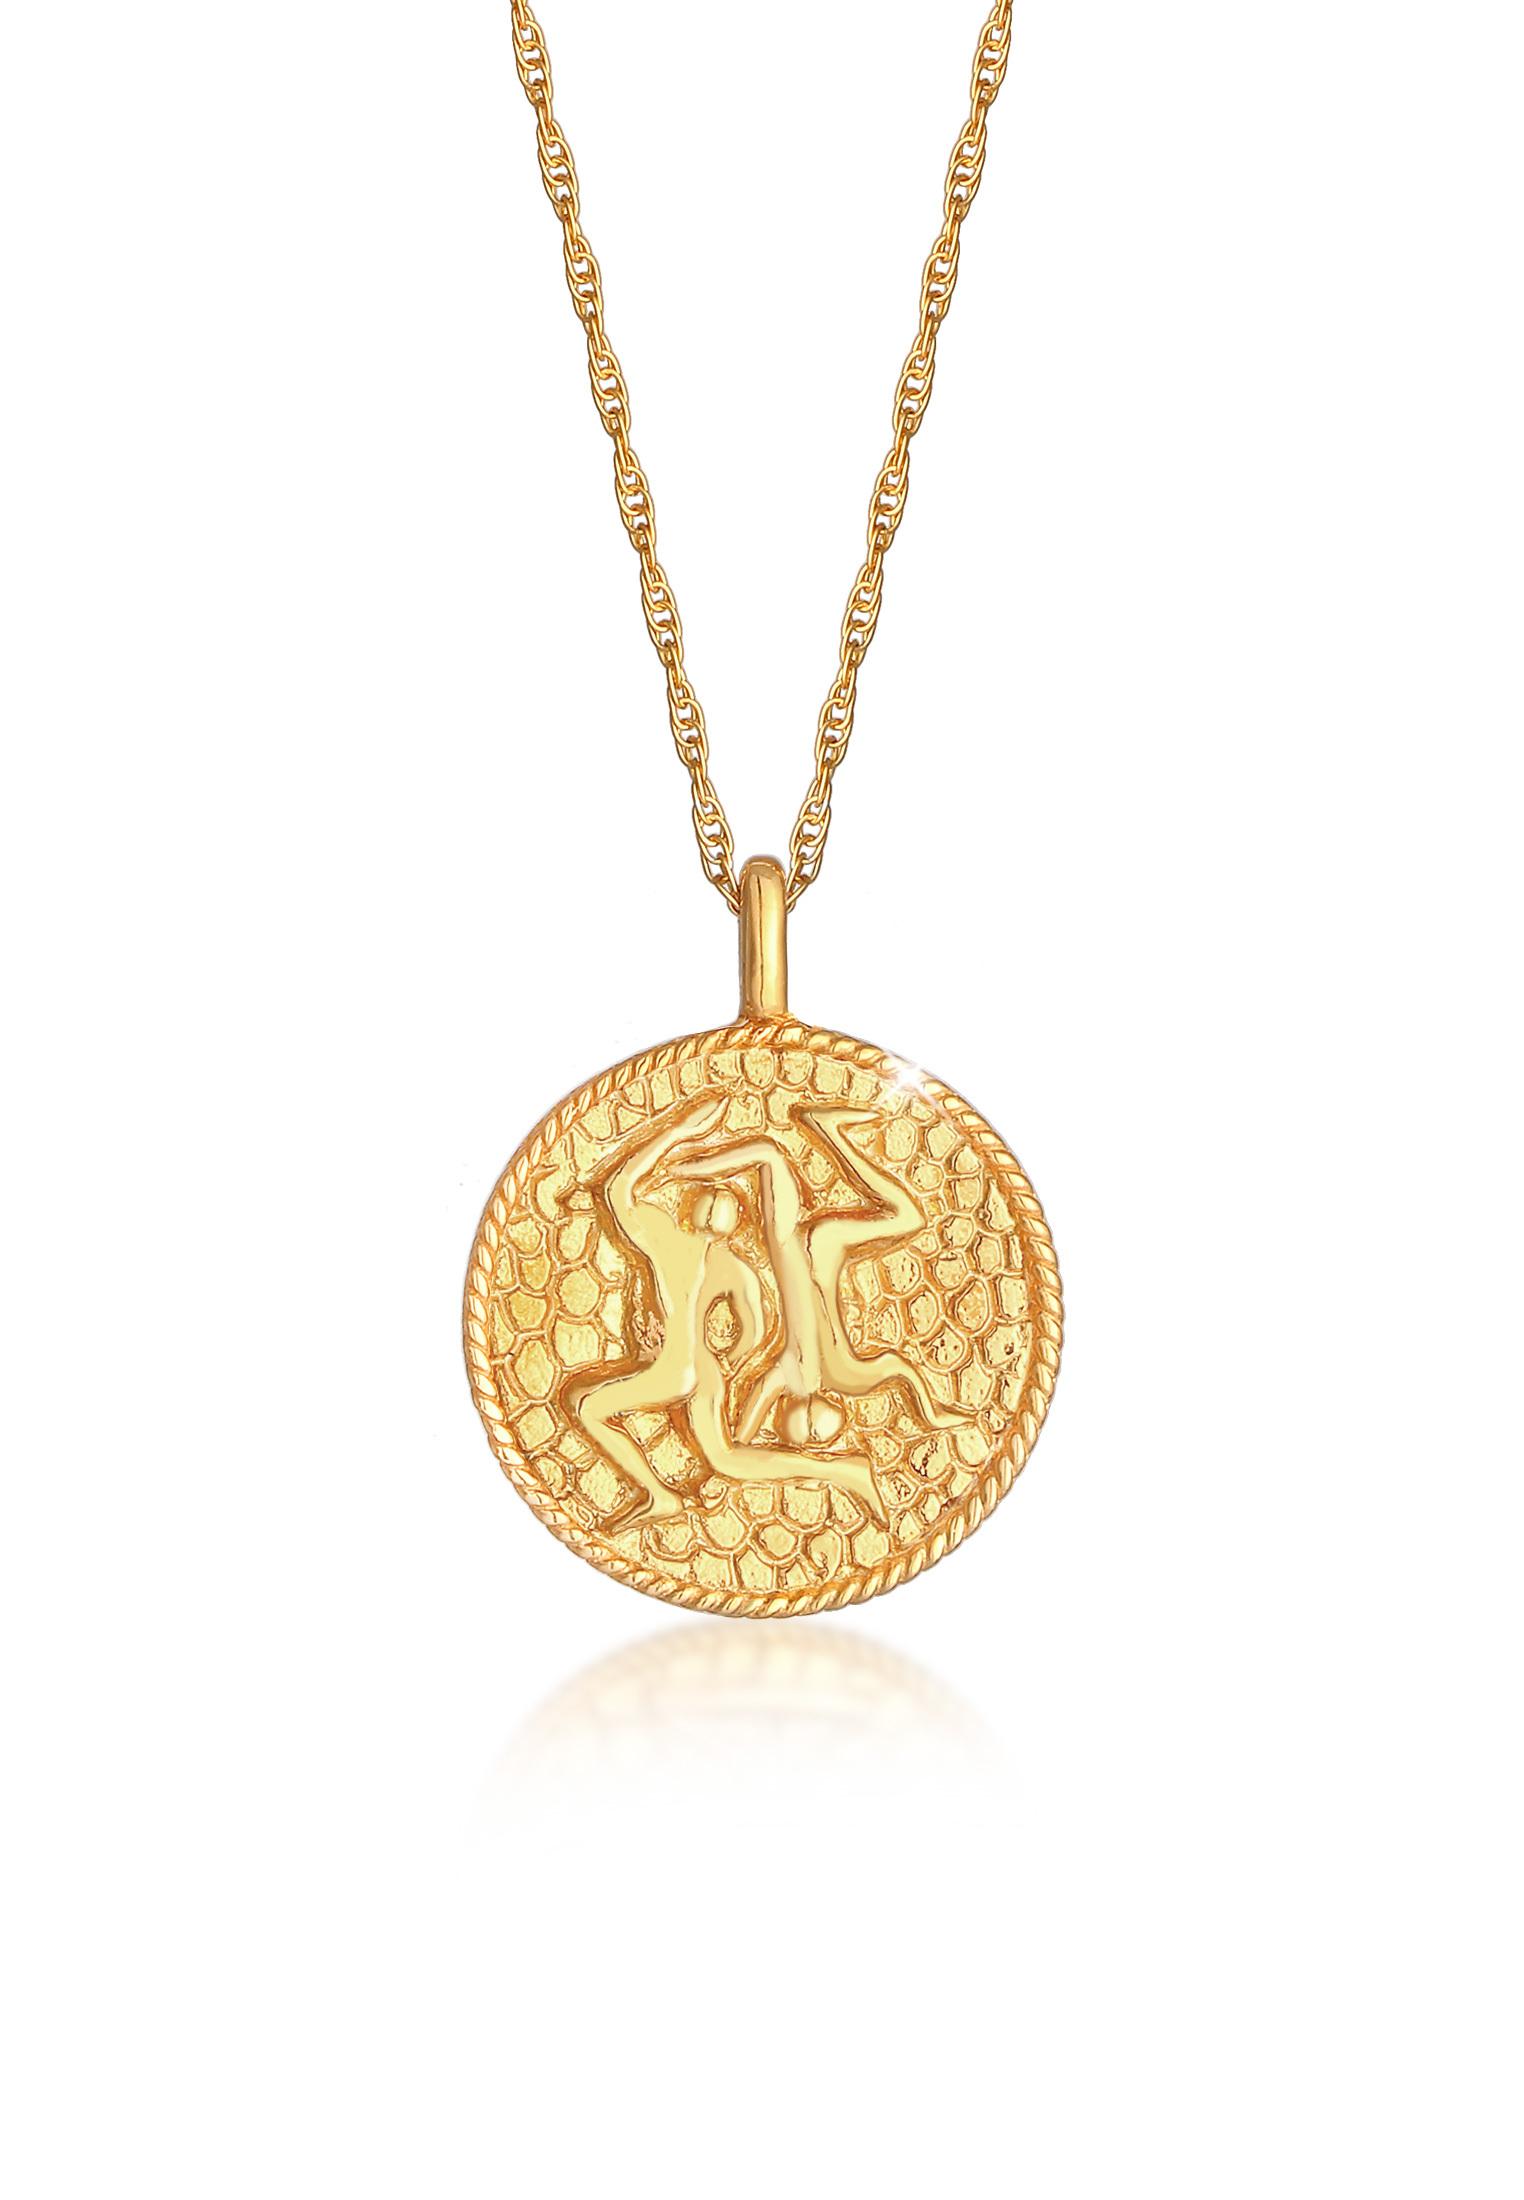 Halskette Sternzeichen | 925 Sterling Silber vergoldet